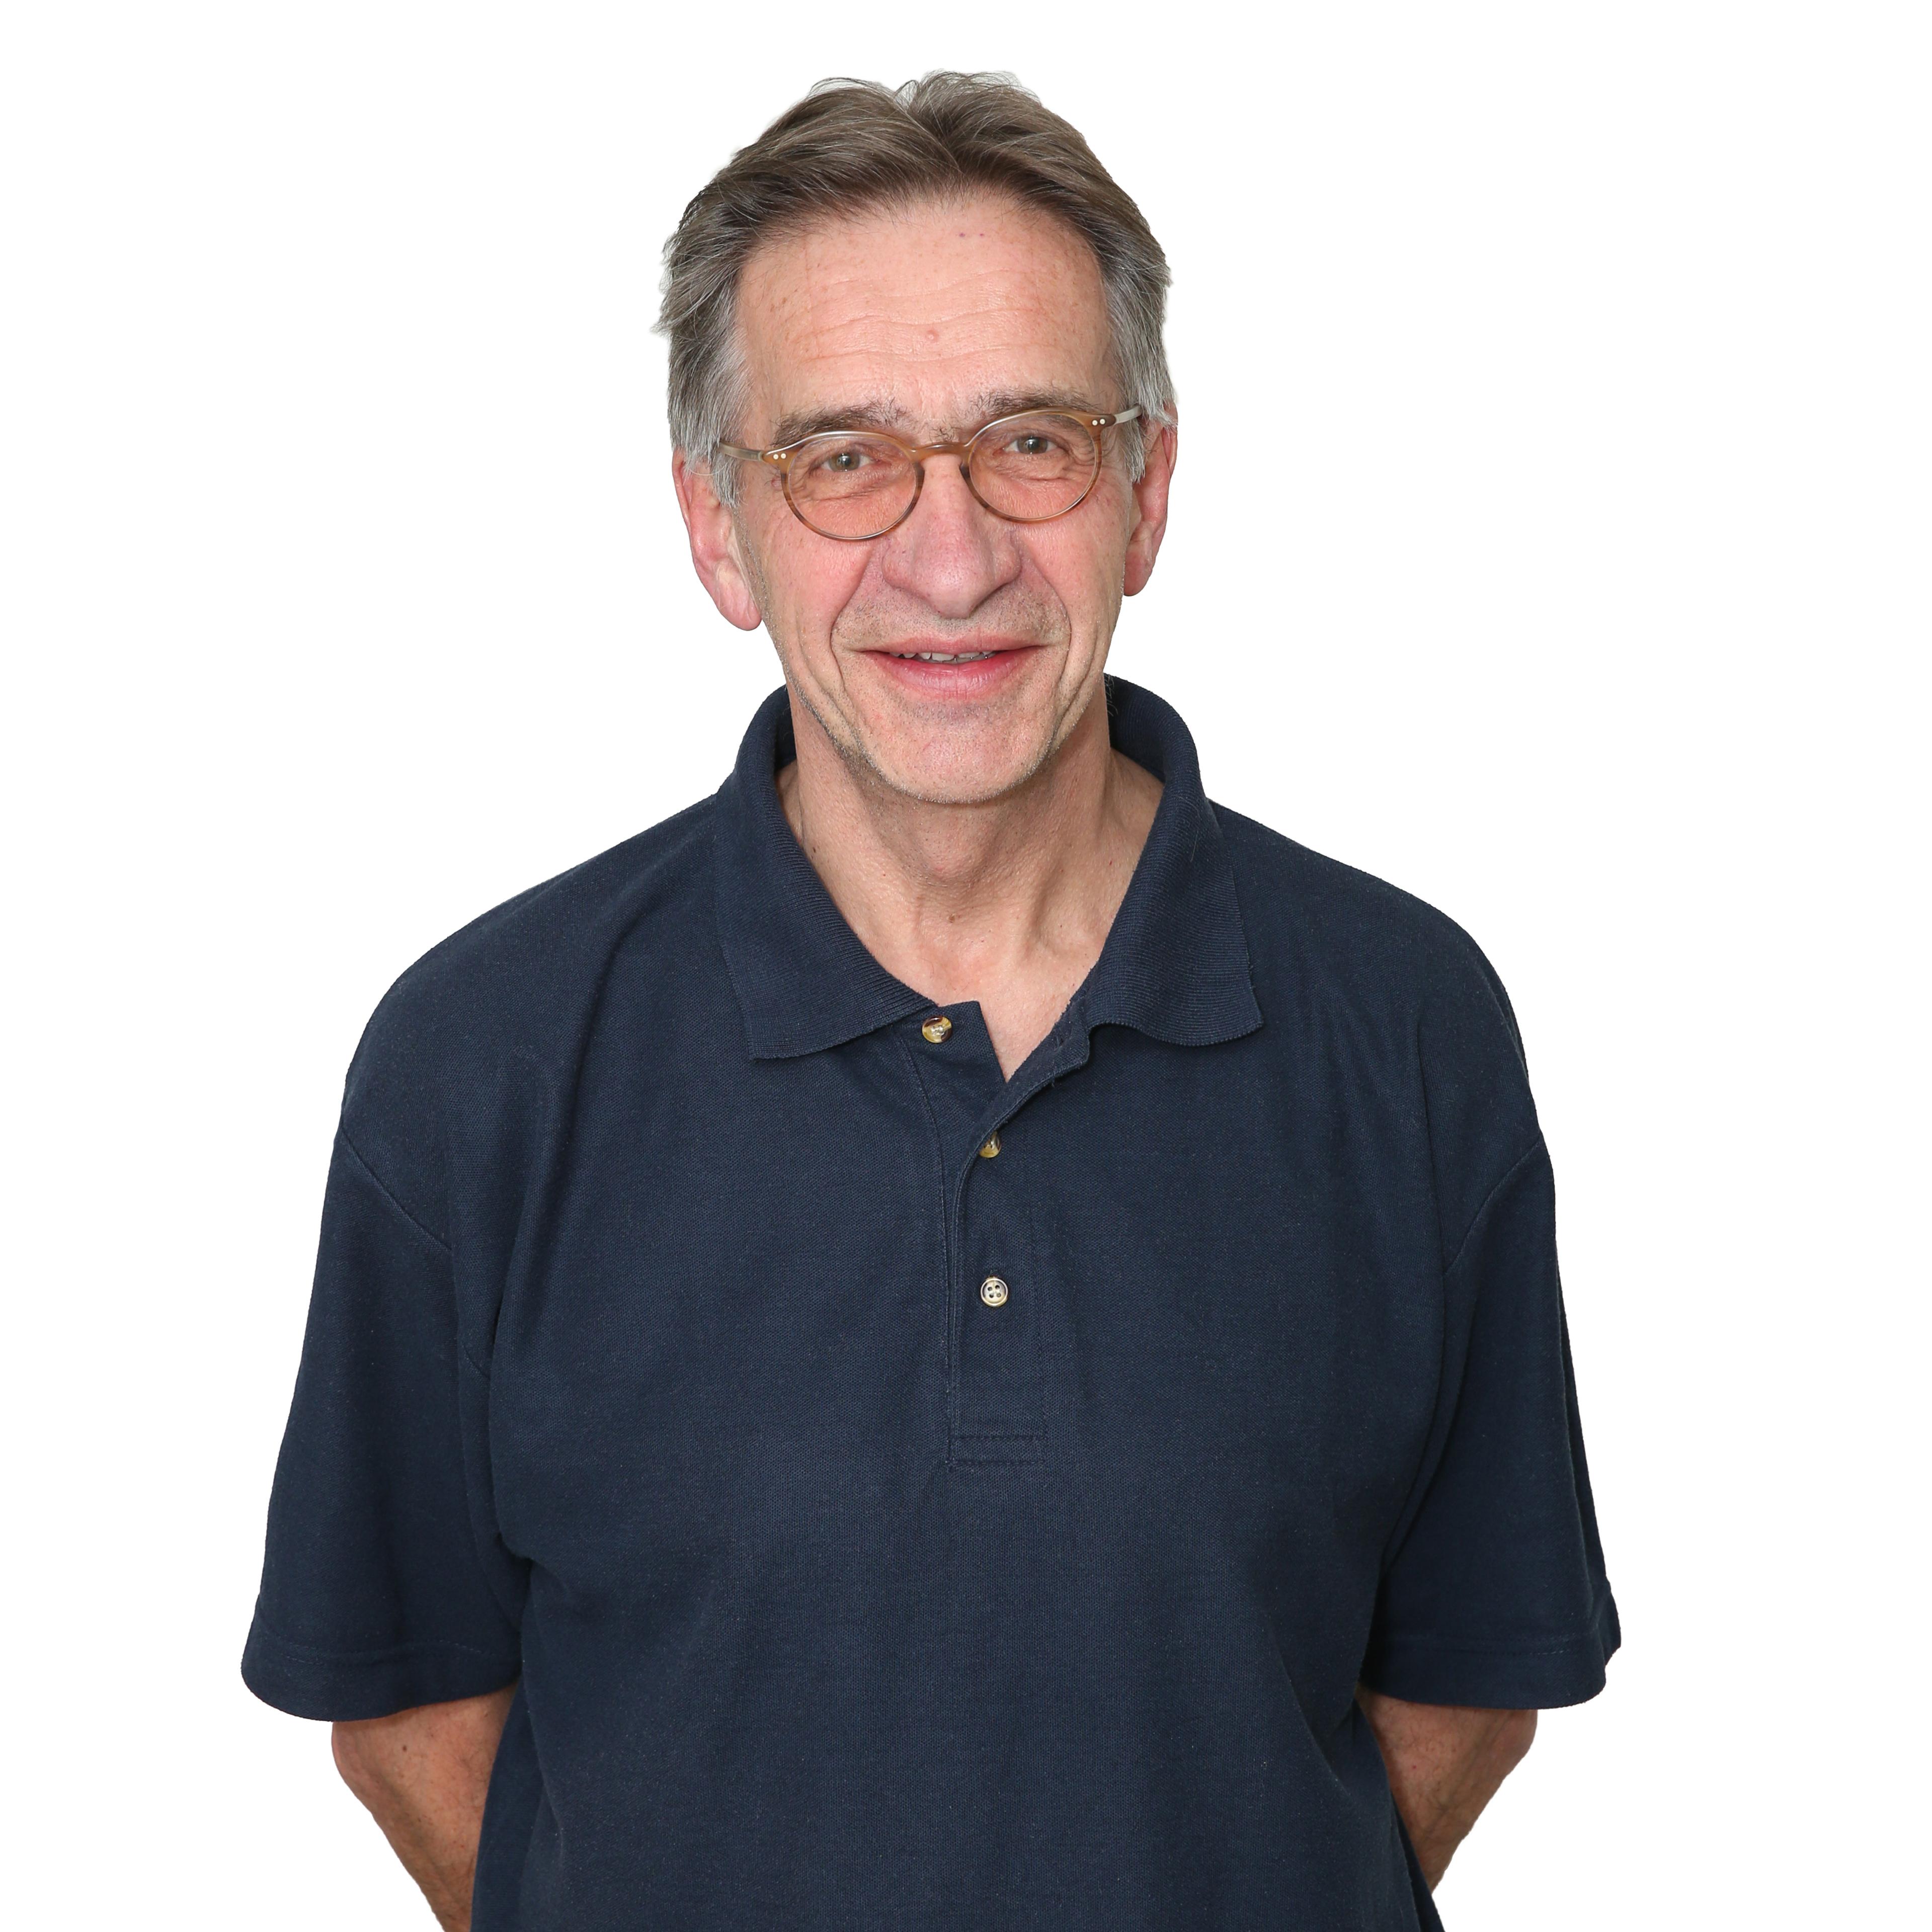 Professor Jo.E. Frencken